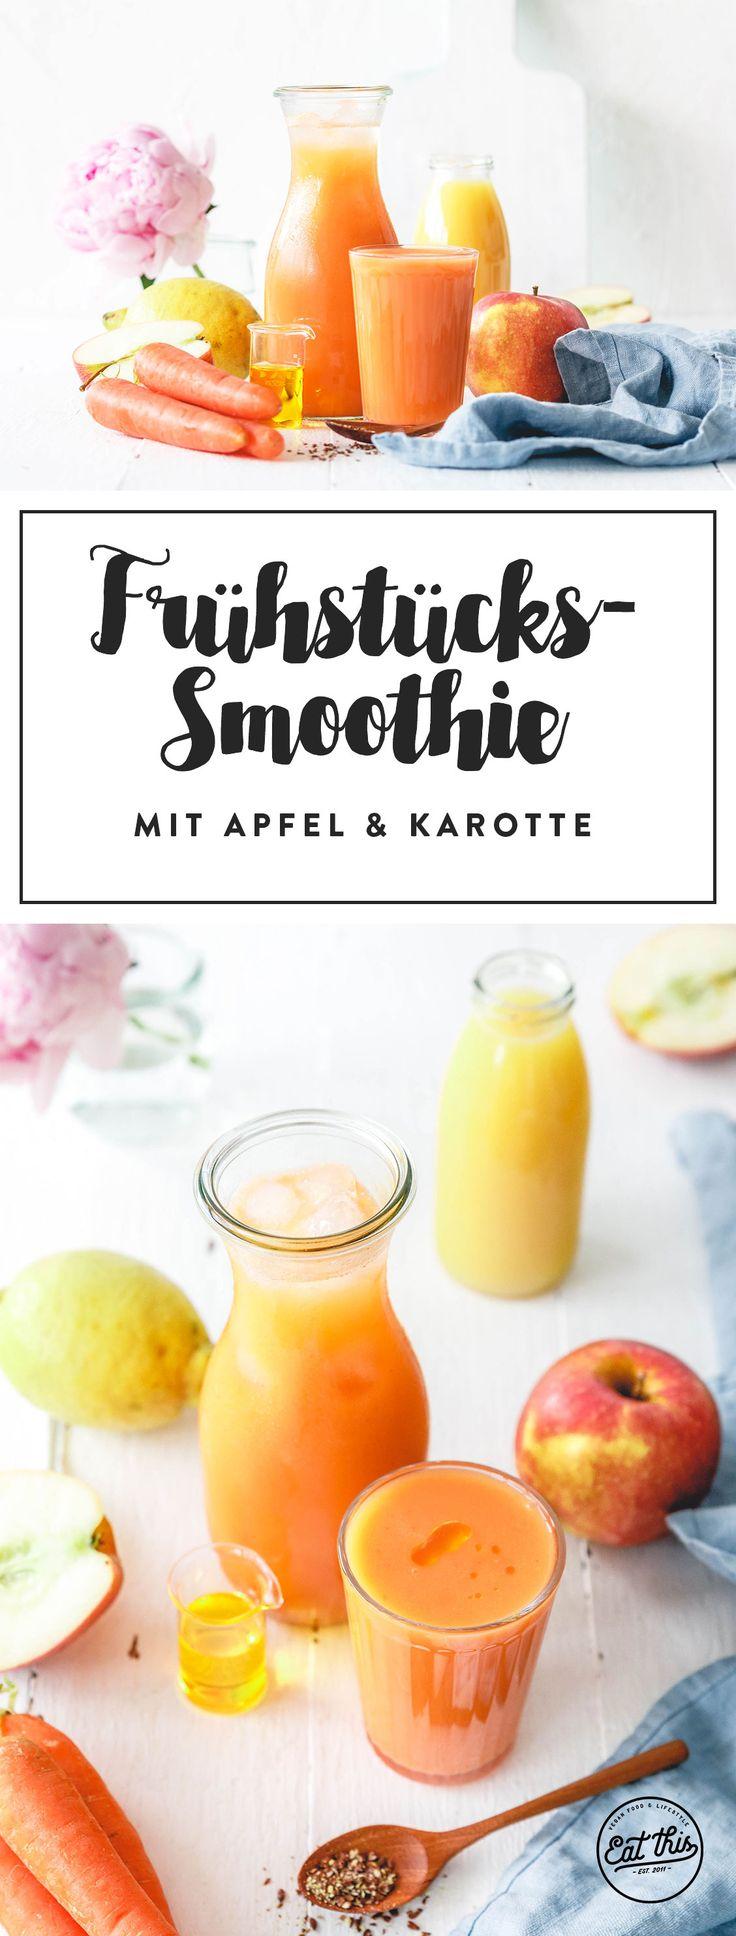 Schneller und einfacher Frühstückssmoothie mit Apfel, Karotte und Orange.   – Eat this!